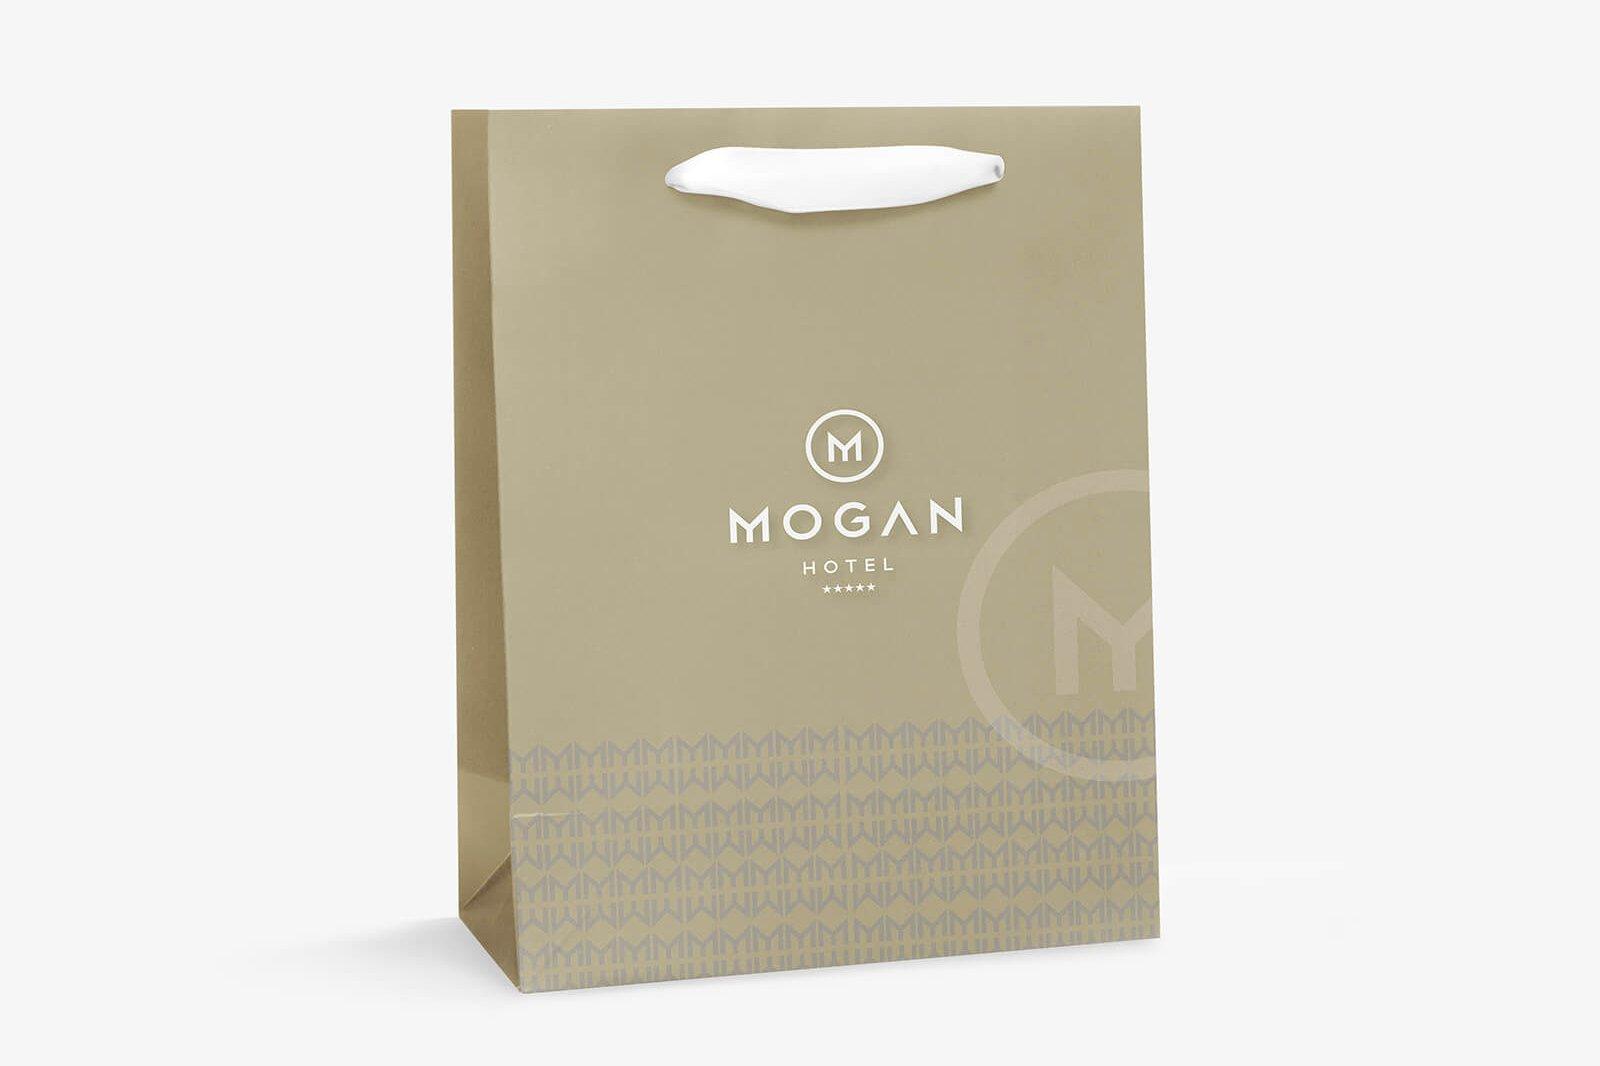 mogan hotles 7